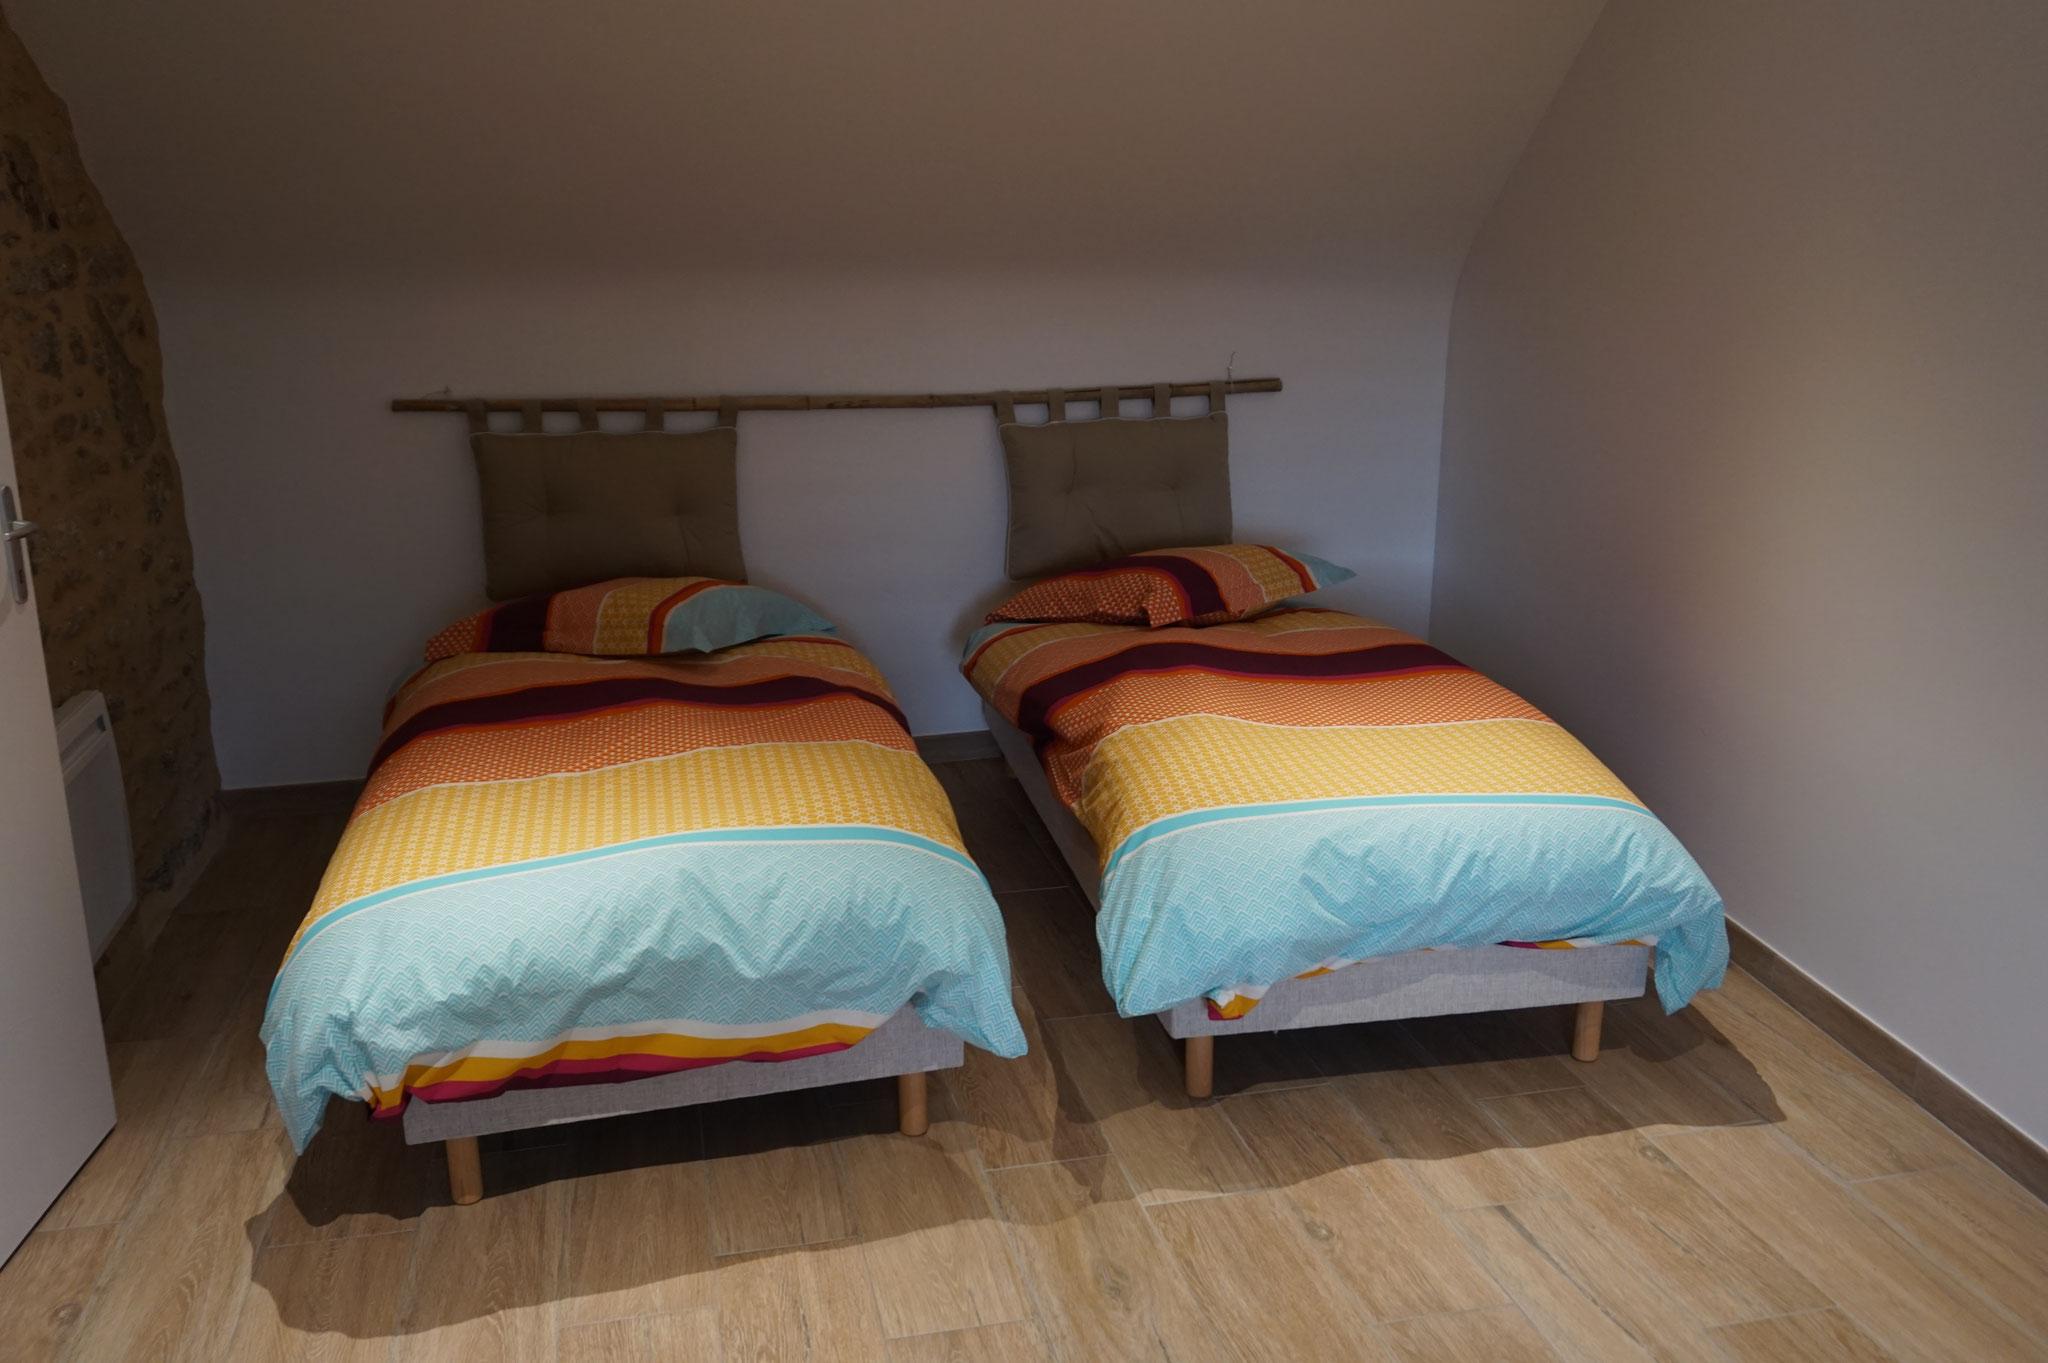 Kamer 2 bedden 90x200